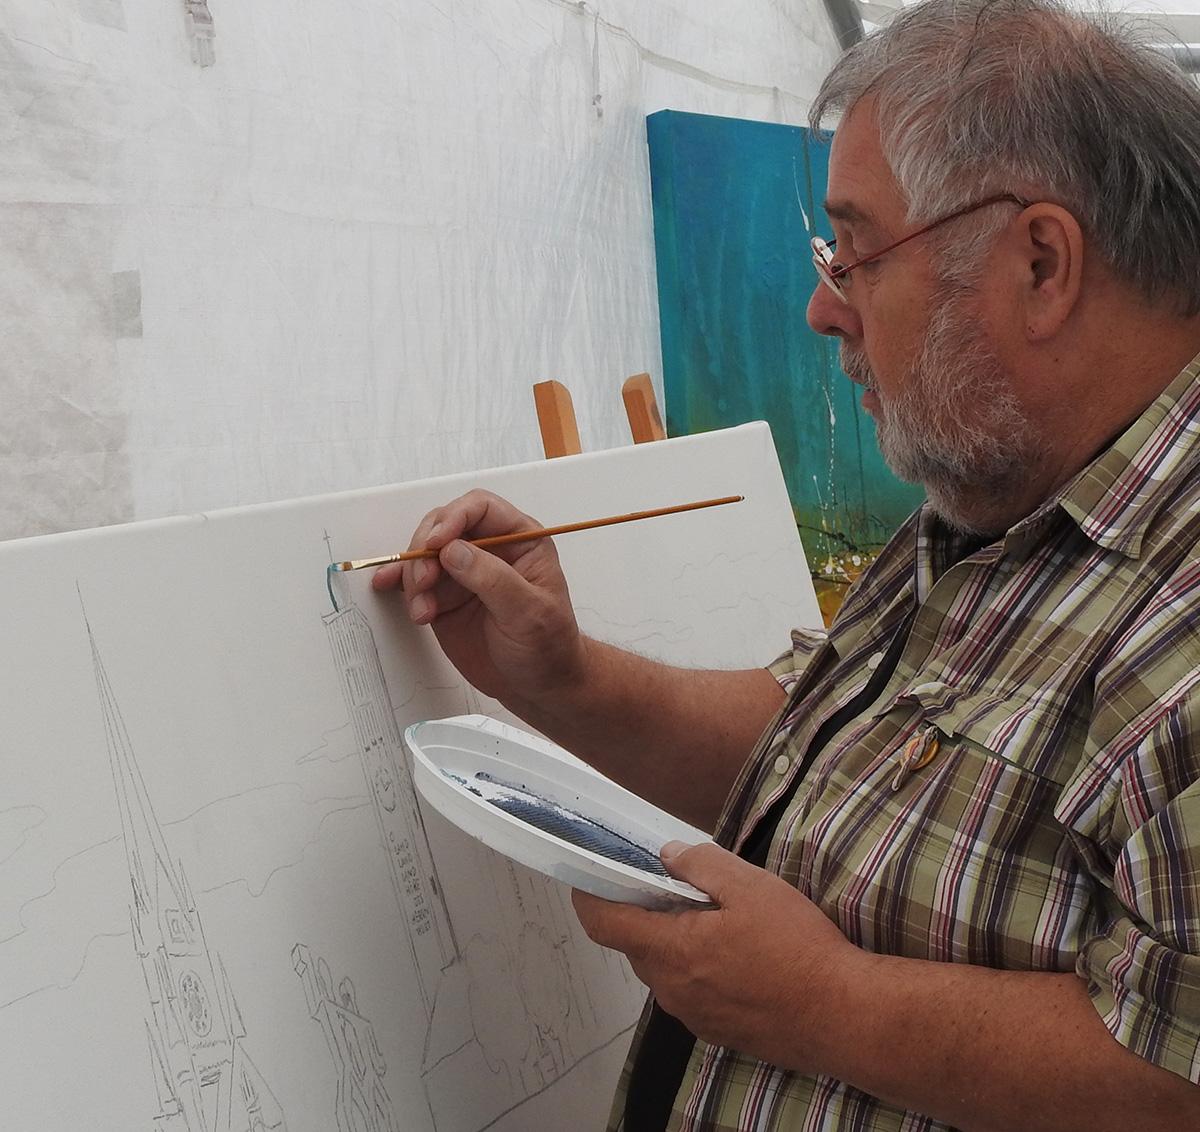 Kunstmaler und sein unvollendetes Werk.